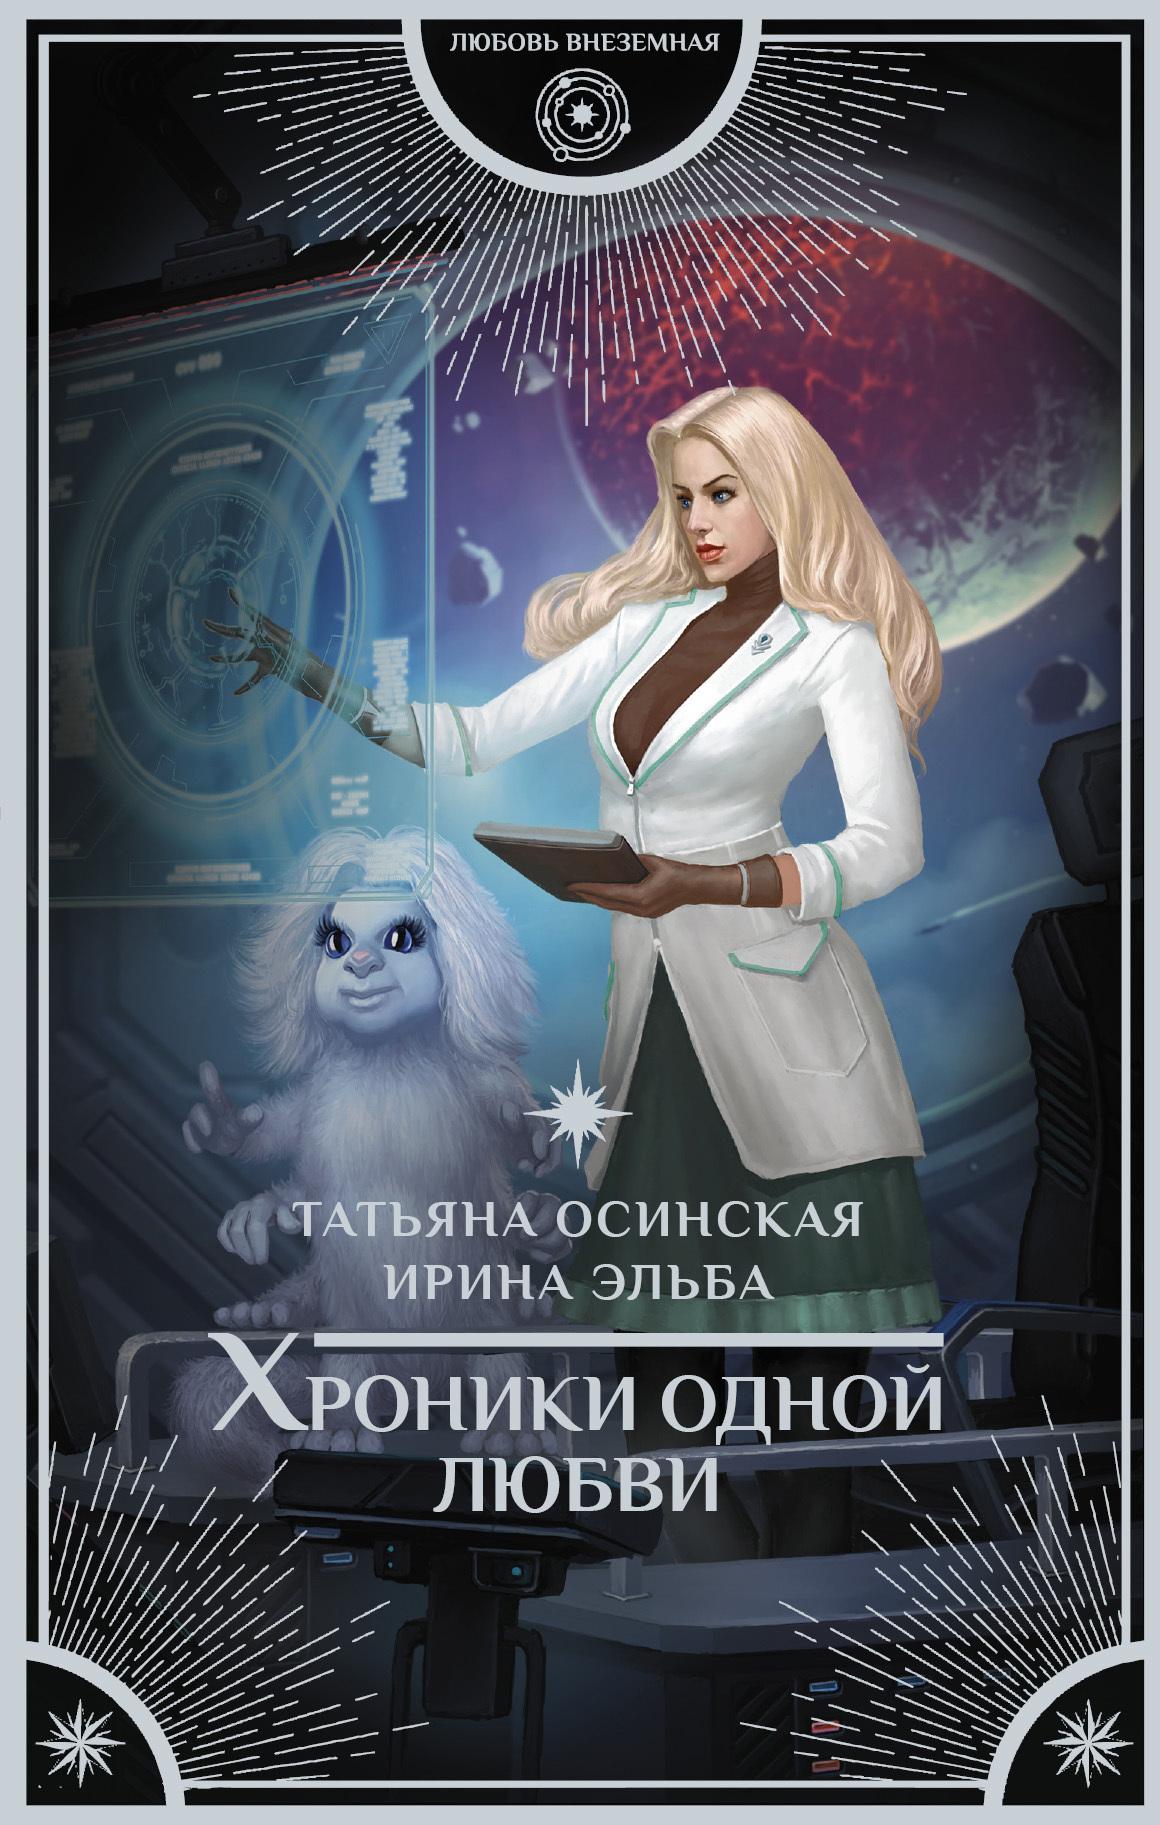 Ирина Эльба, Татьяна Осинская - Хроники одной любви